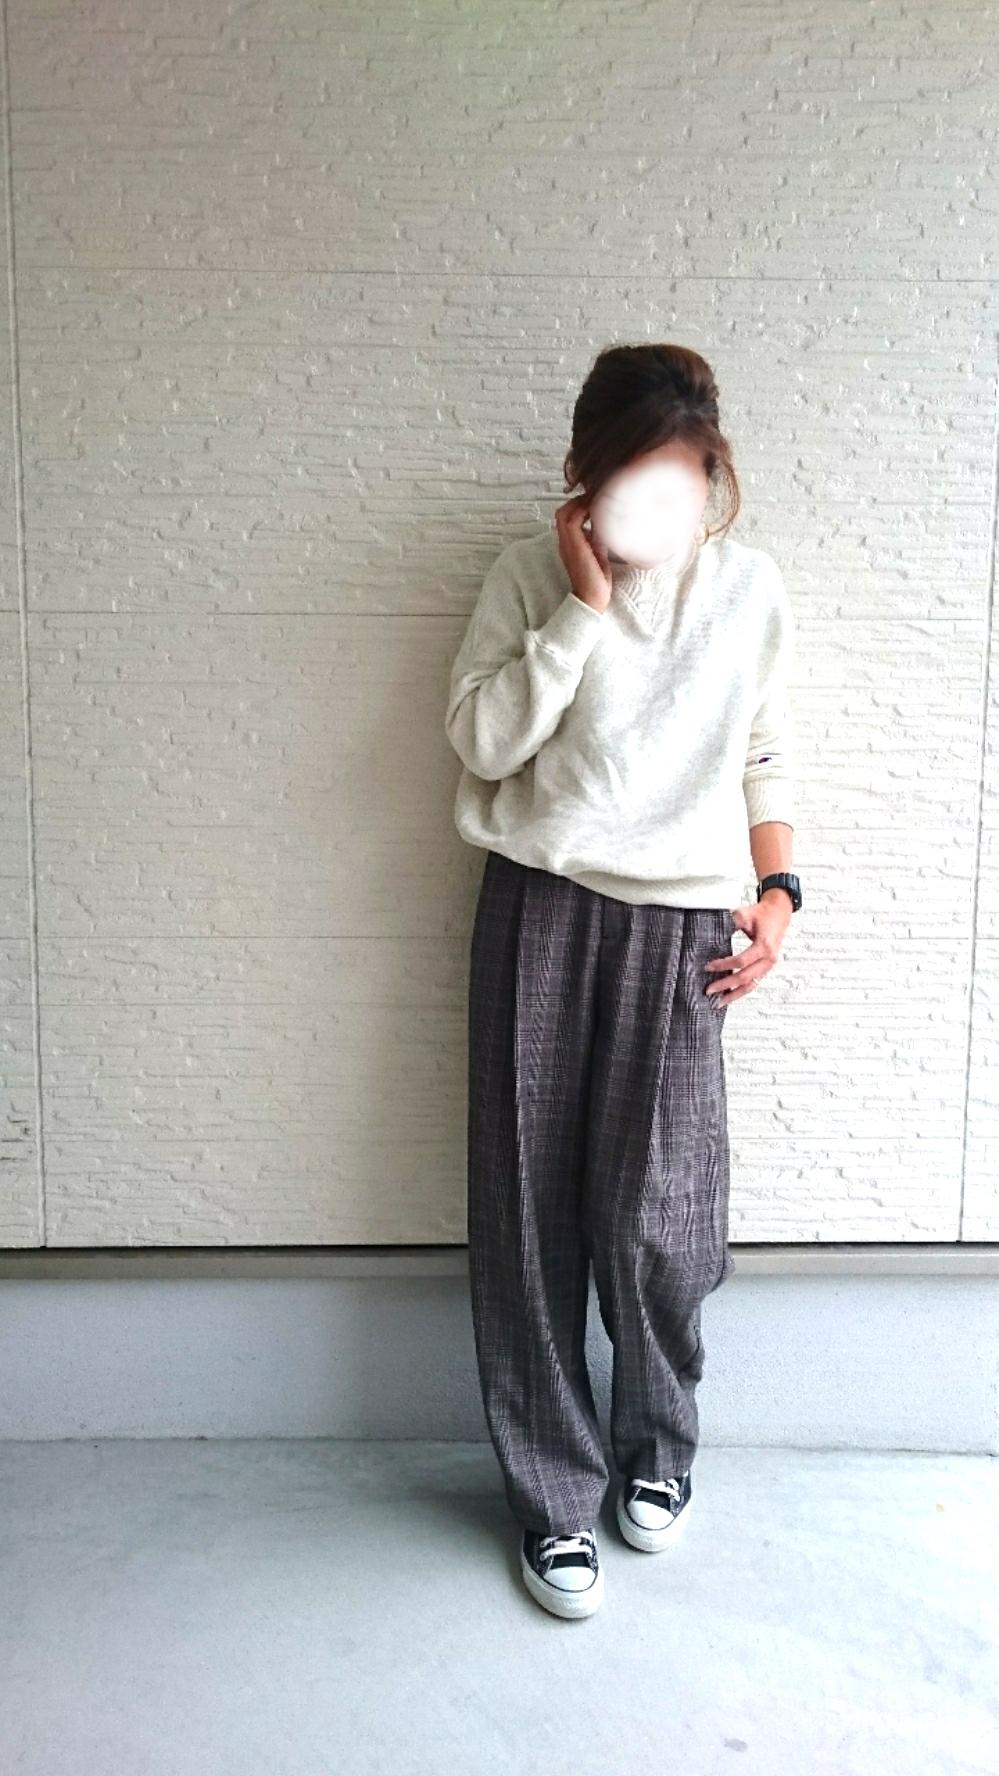 rakugaki_20171108200554057.jpg